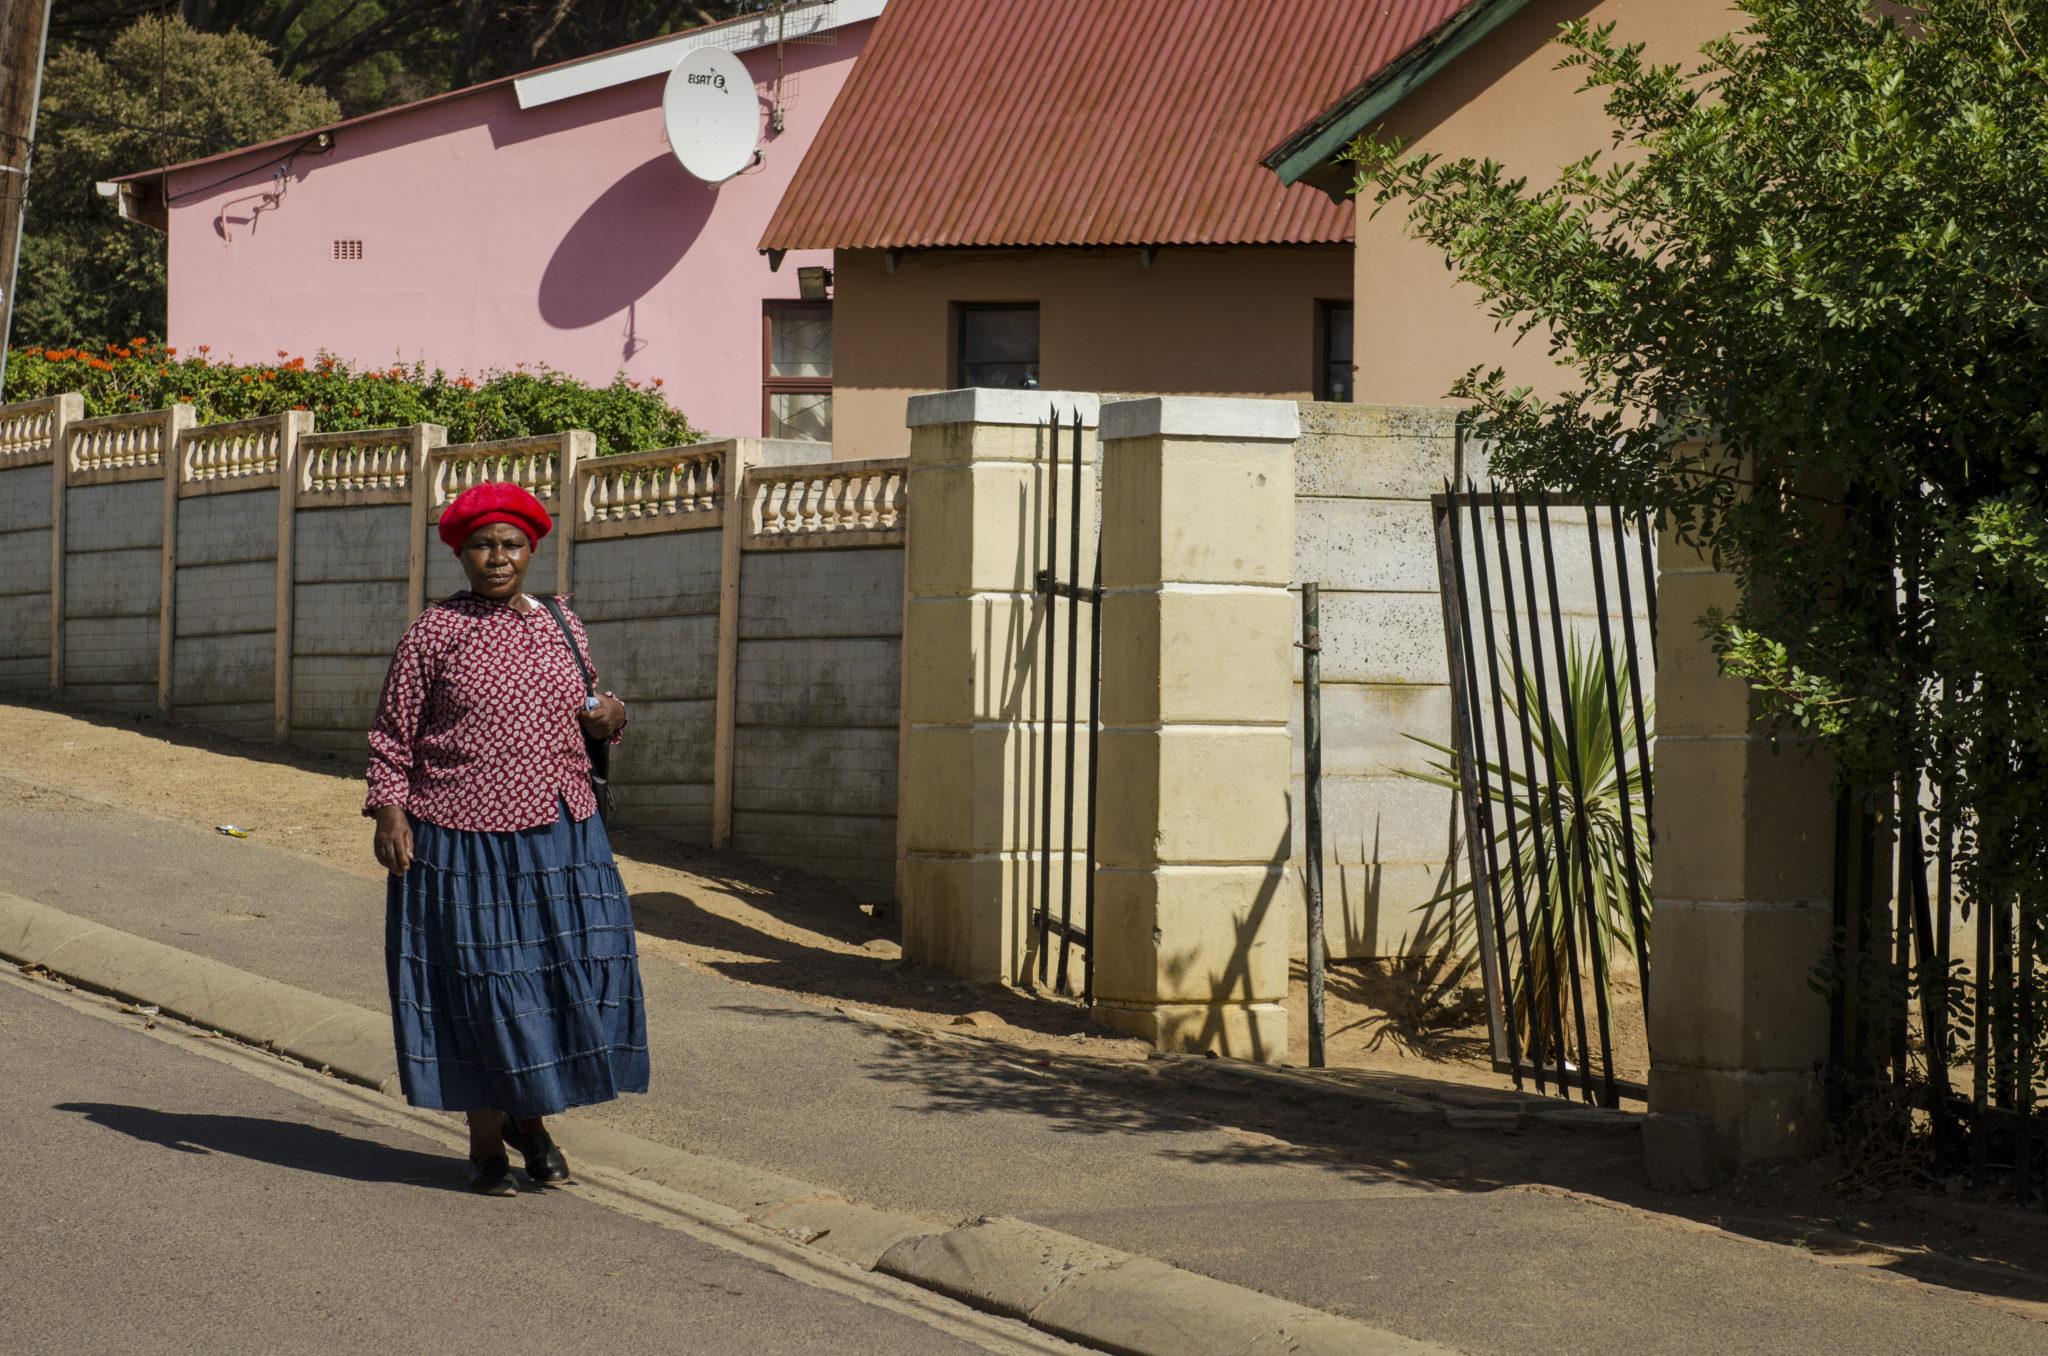 kayamandi-township-stellenbosch-southafrica-lady